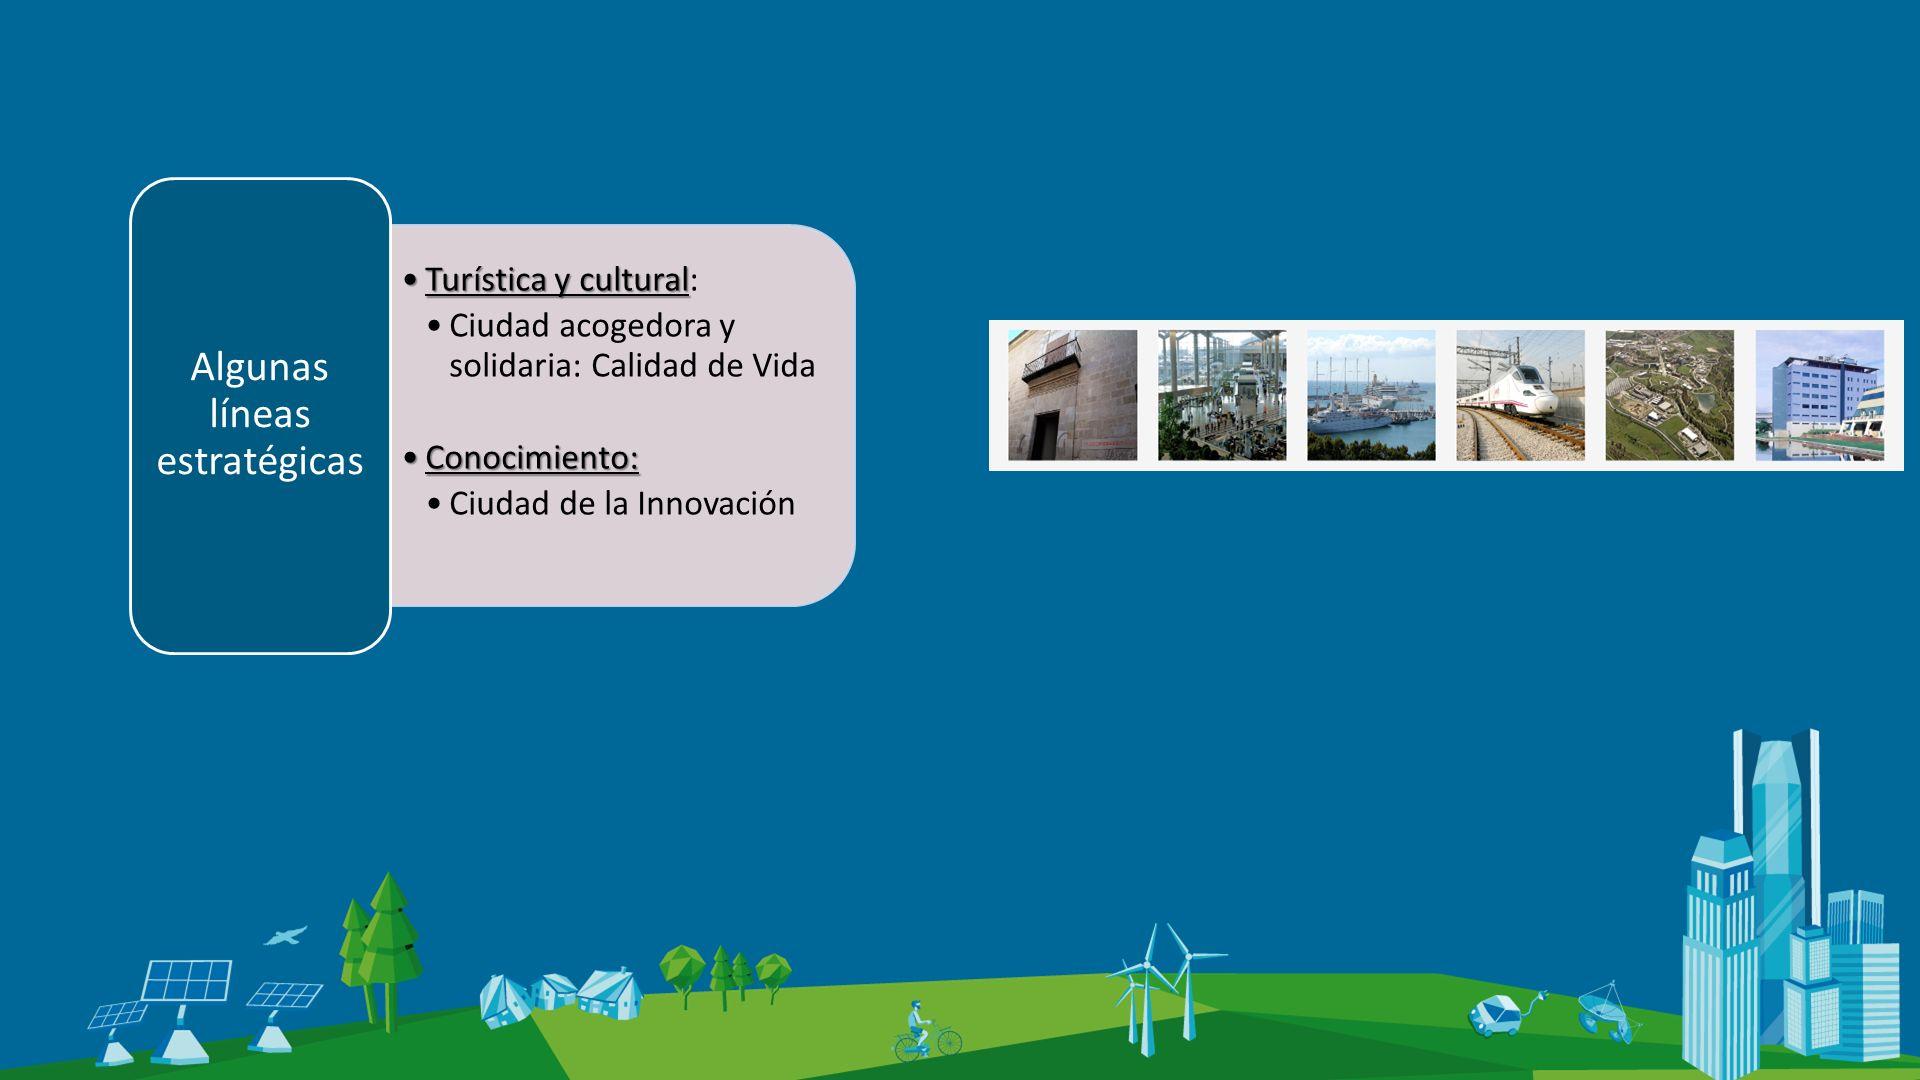 Turística y culturalTurística y cultural: Ciudad acogedora y solidaria: Calidad de Vida Conocimiento:Conocimiento: Ciudad de la Innovación Algunas líneas estratégicas